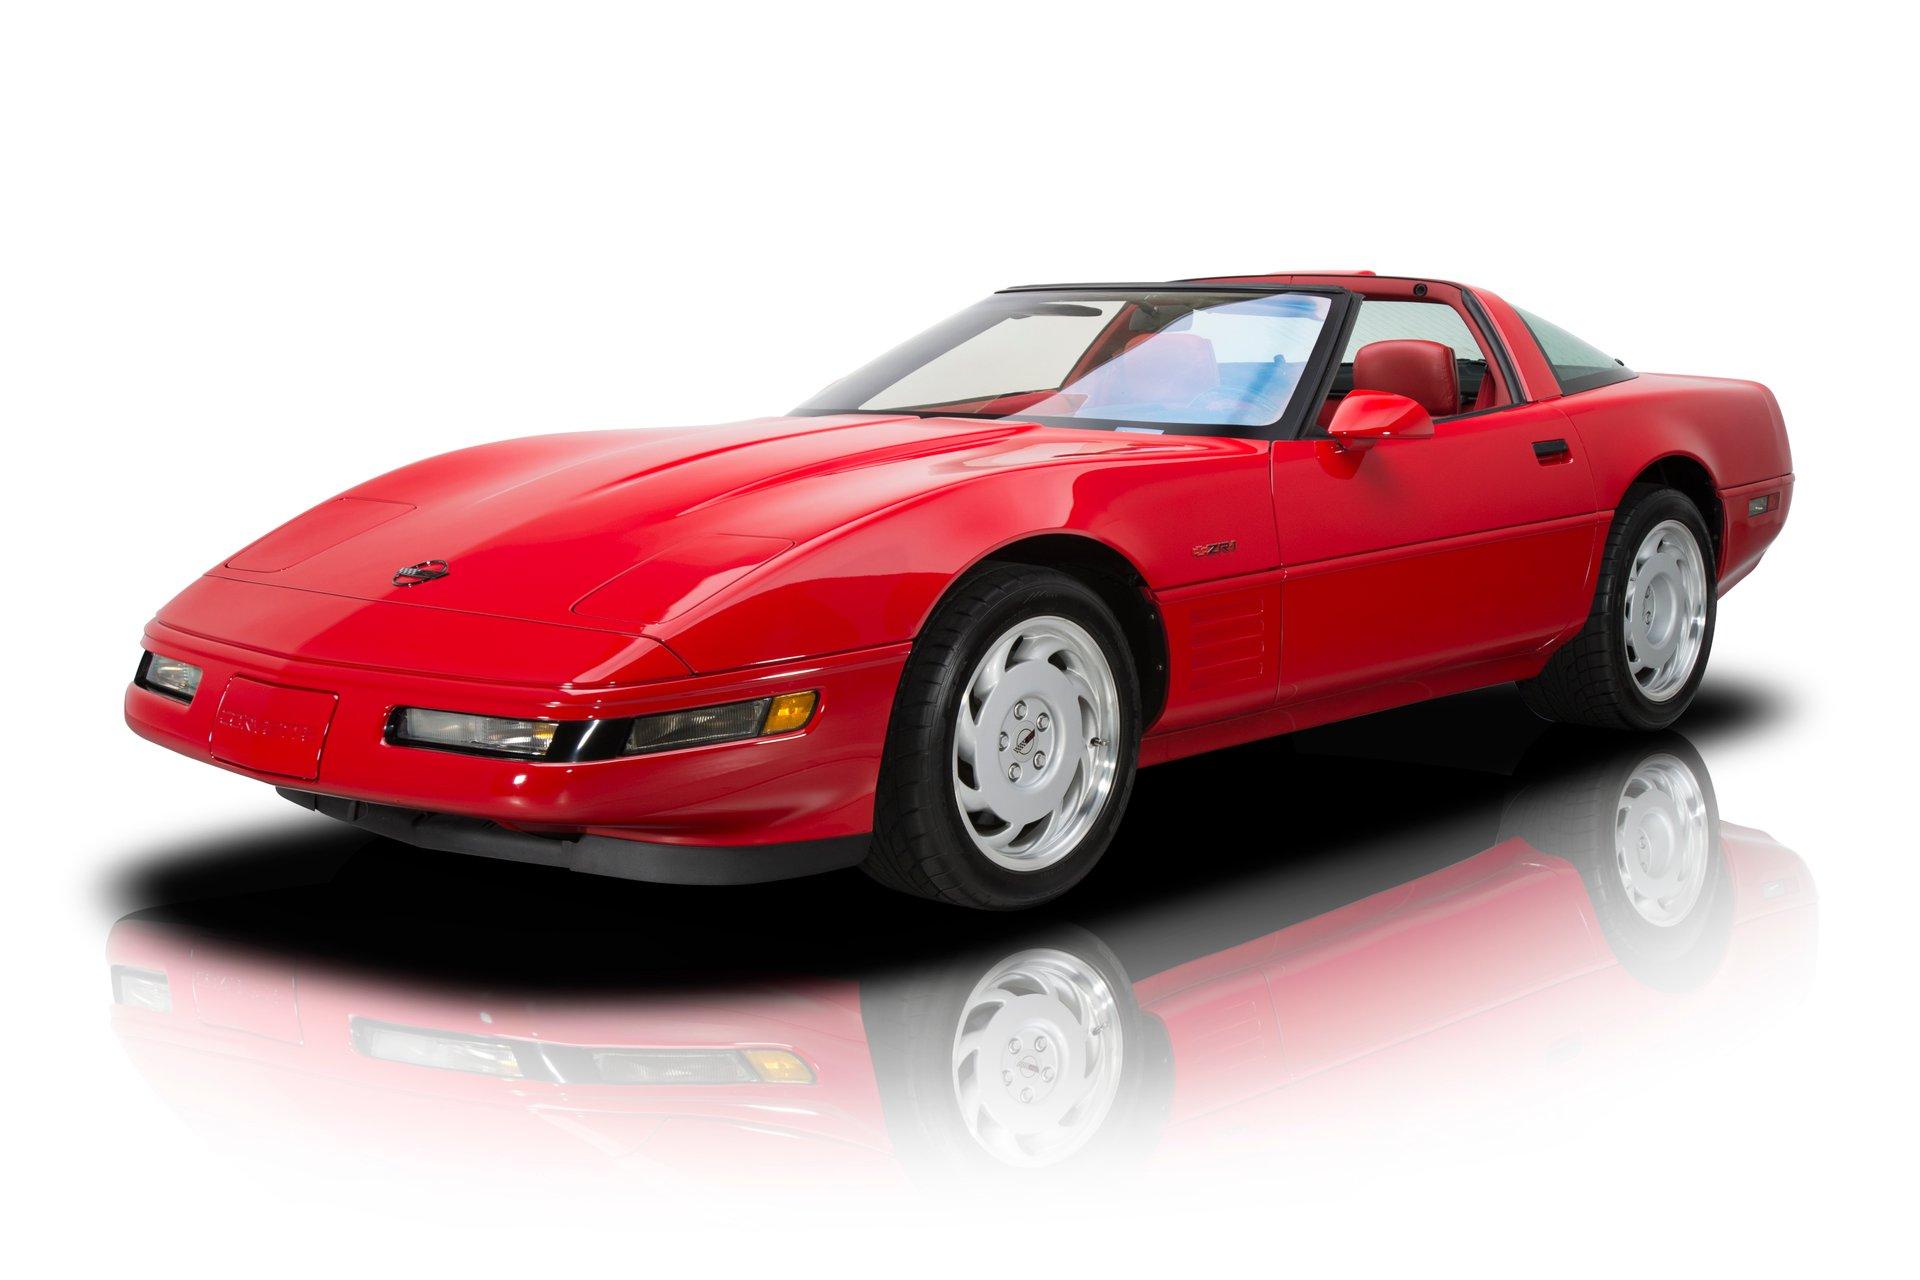 1992 chevrolet corvette zr 1